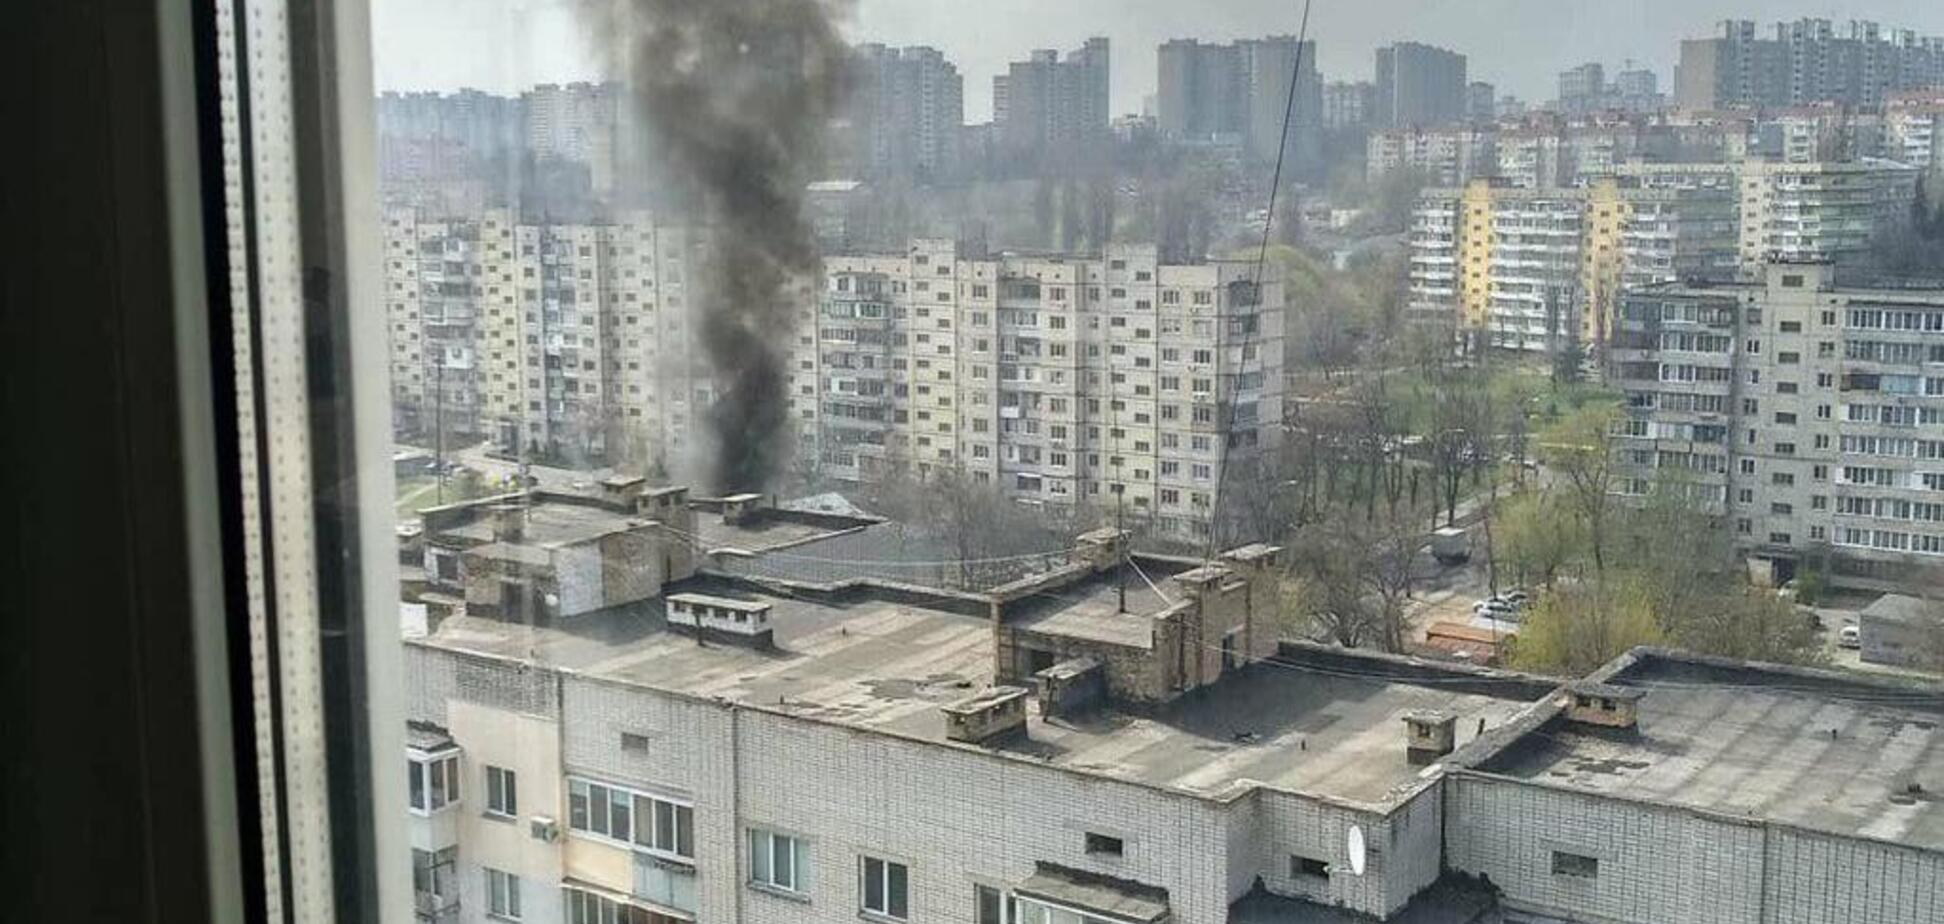 В Киеве произошел пожар в жилом доме: огонь охватил два этажа